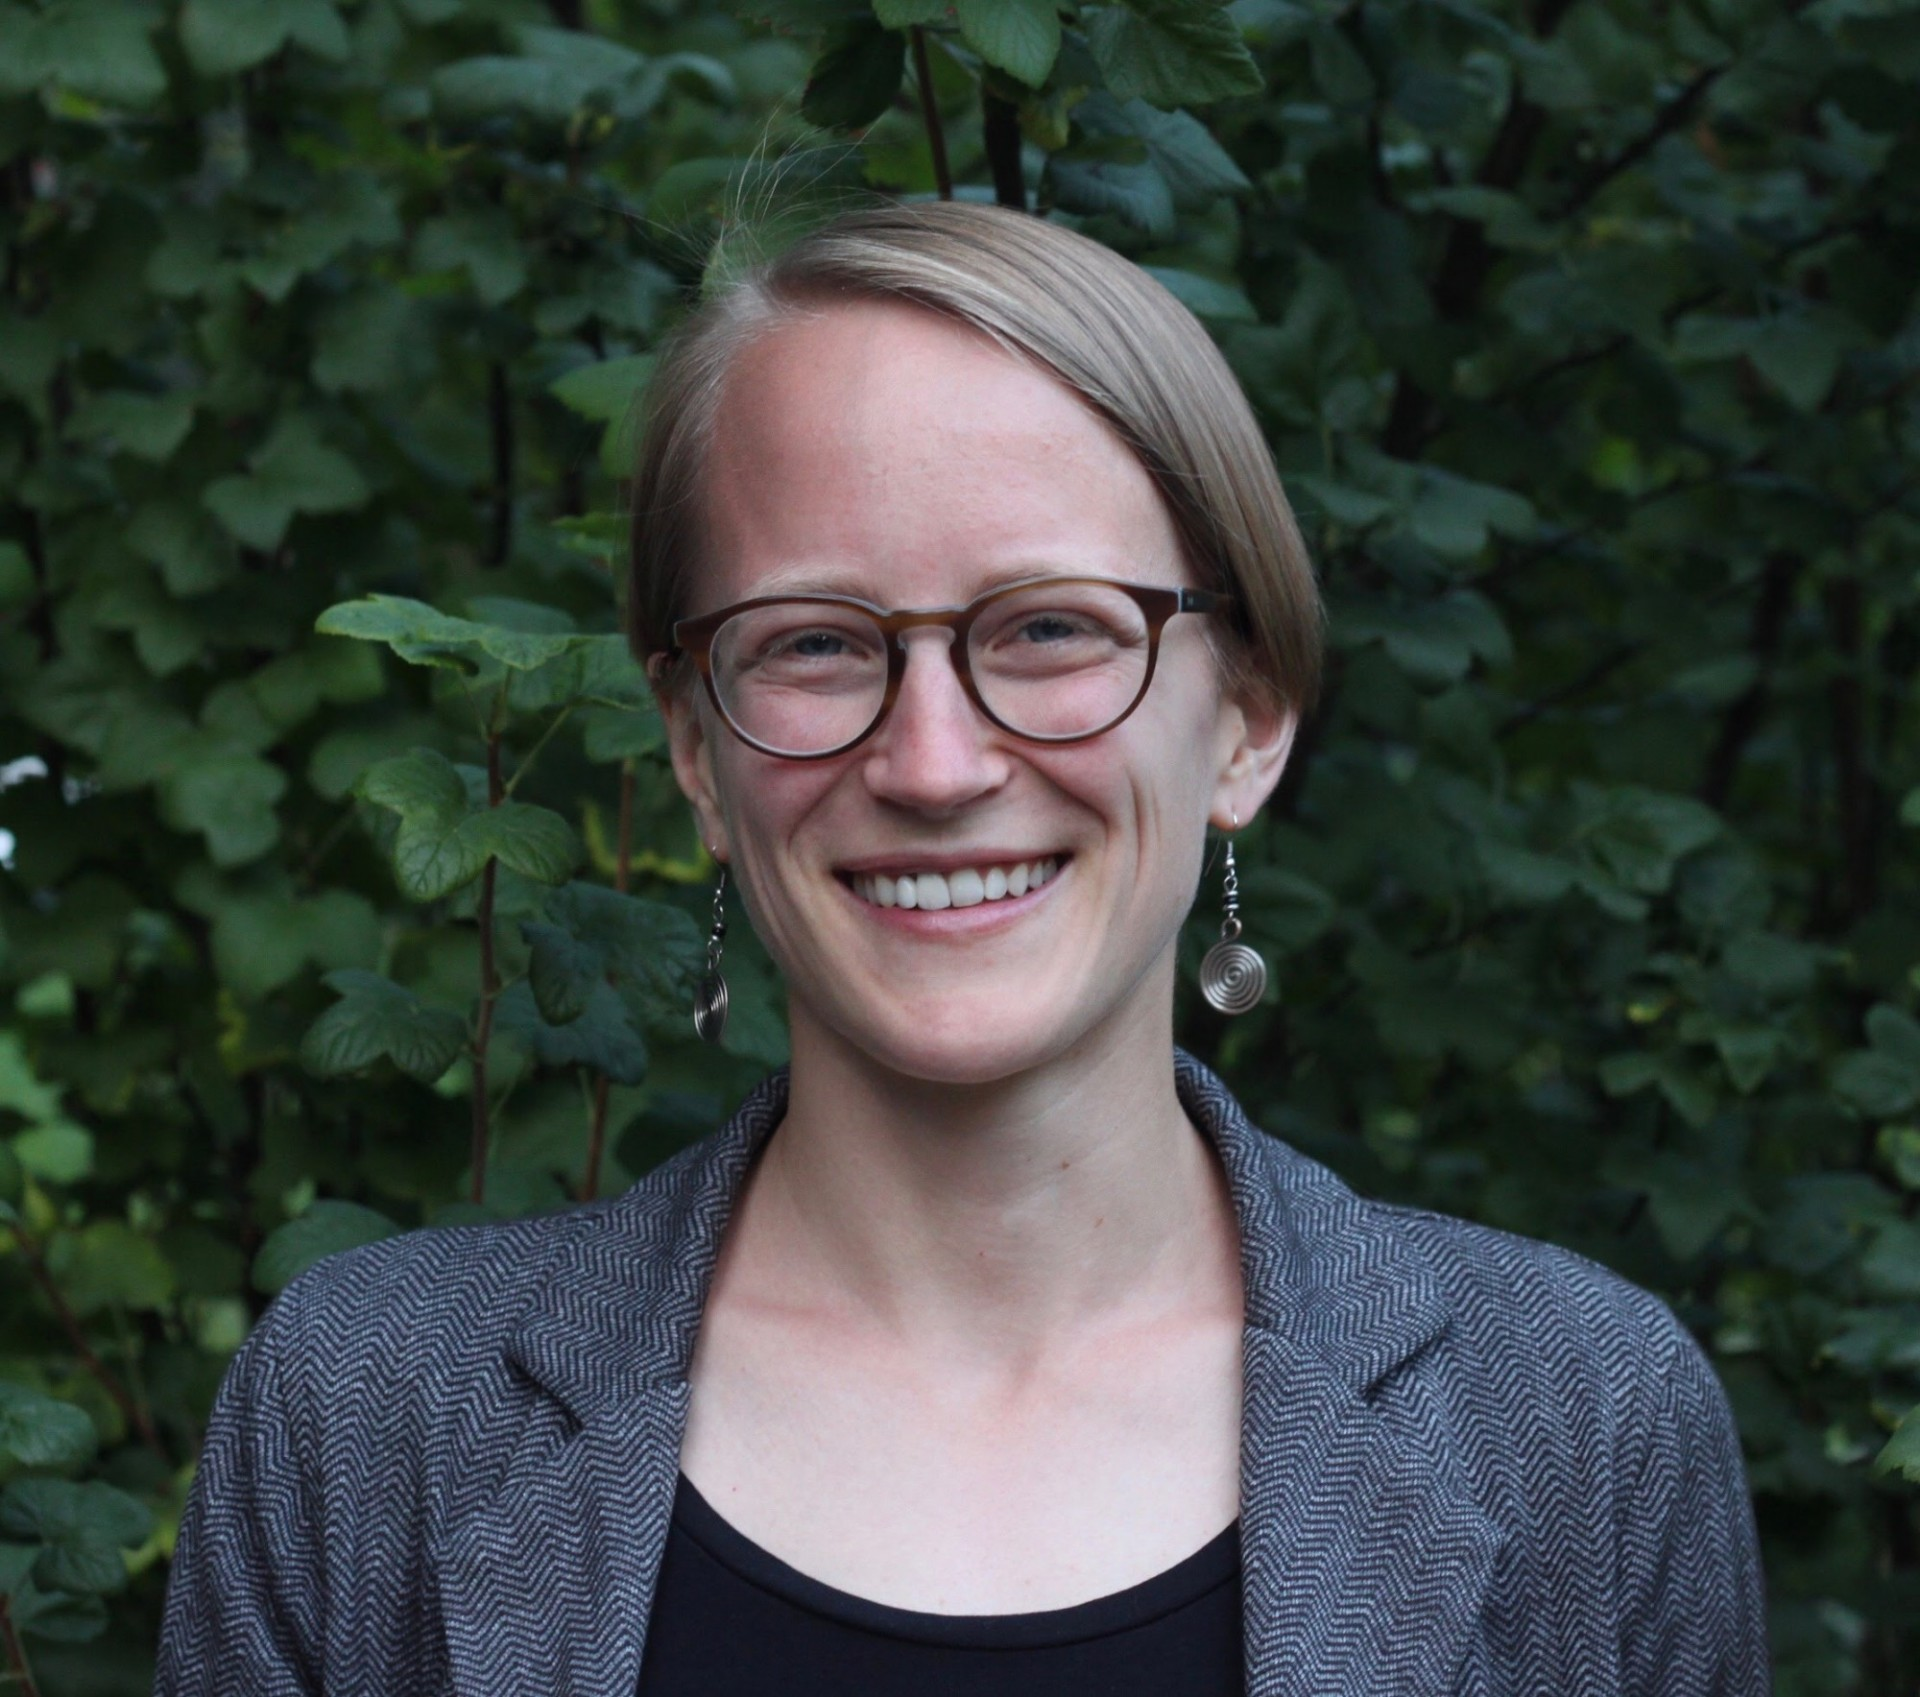 photo of Berenike Firestone (née Schott)